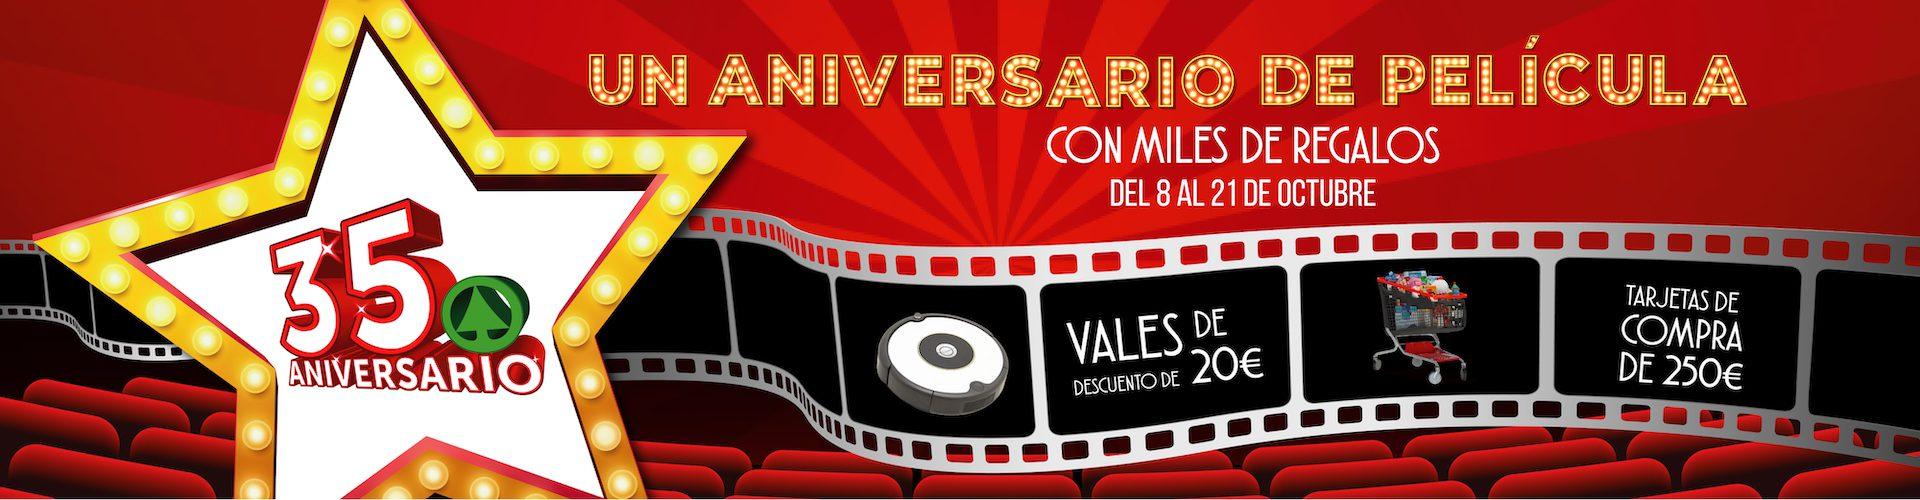 SPAR Gran Canaria - Aniversario